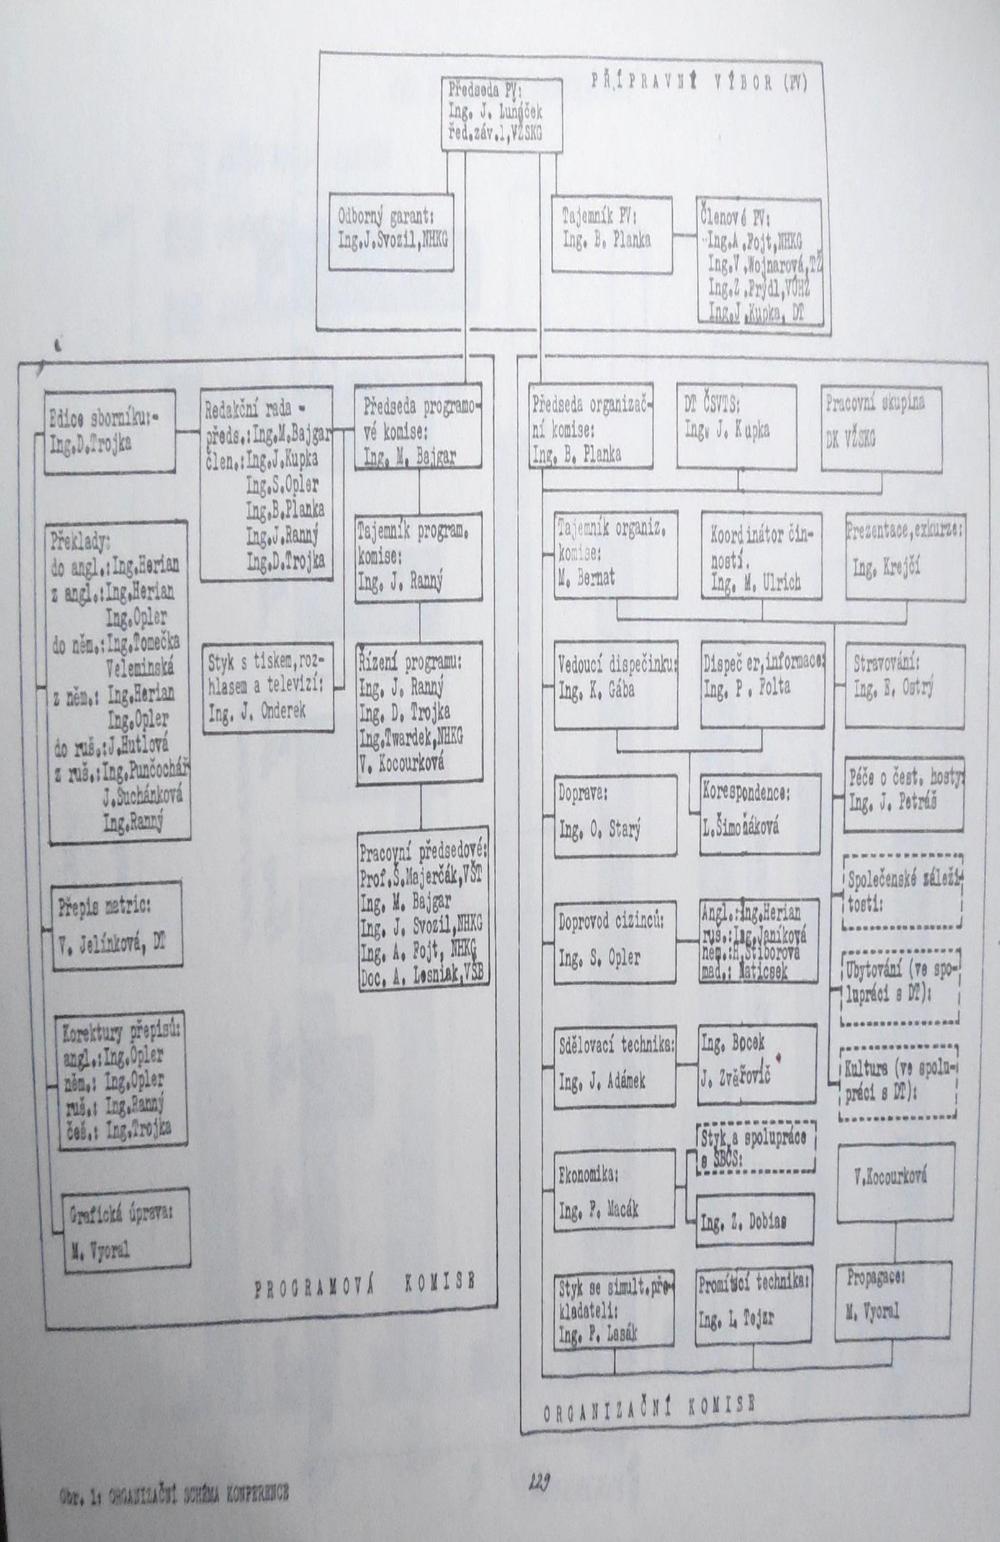 Obrázek 33: Organizační schéma Mezinárodní konference vysokopecařů